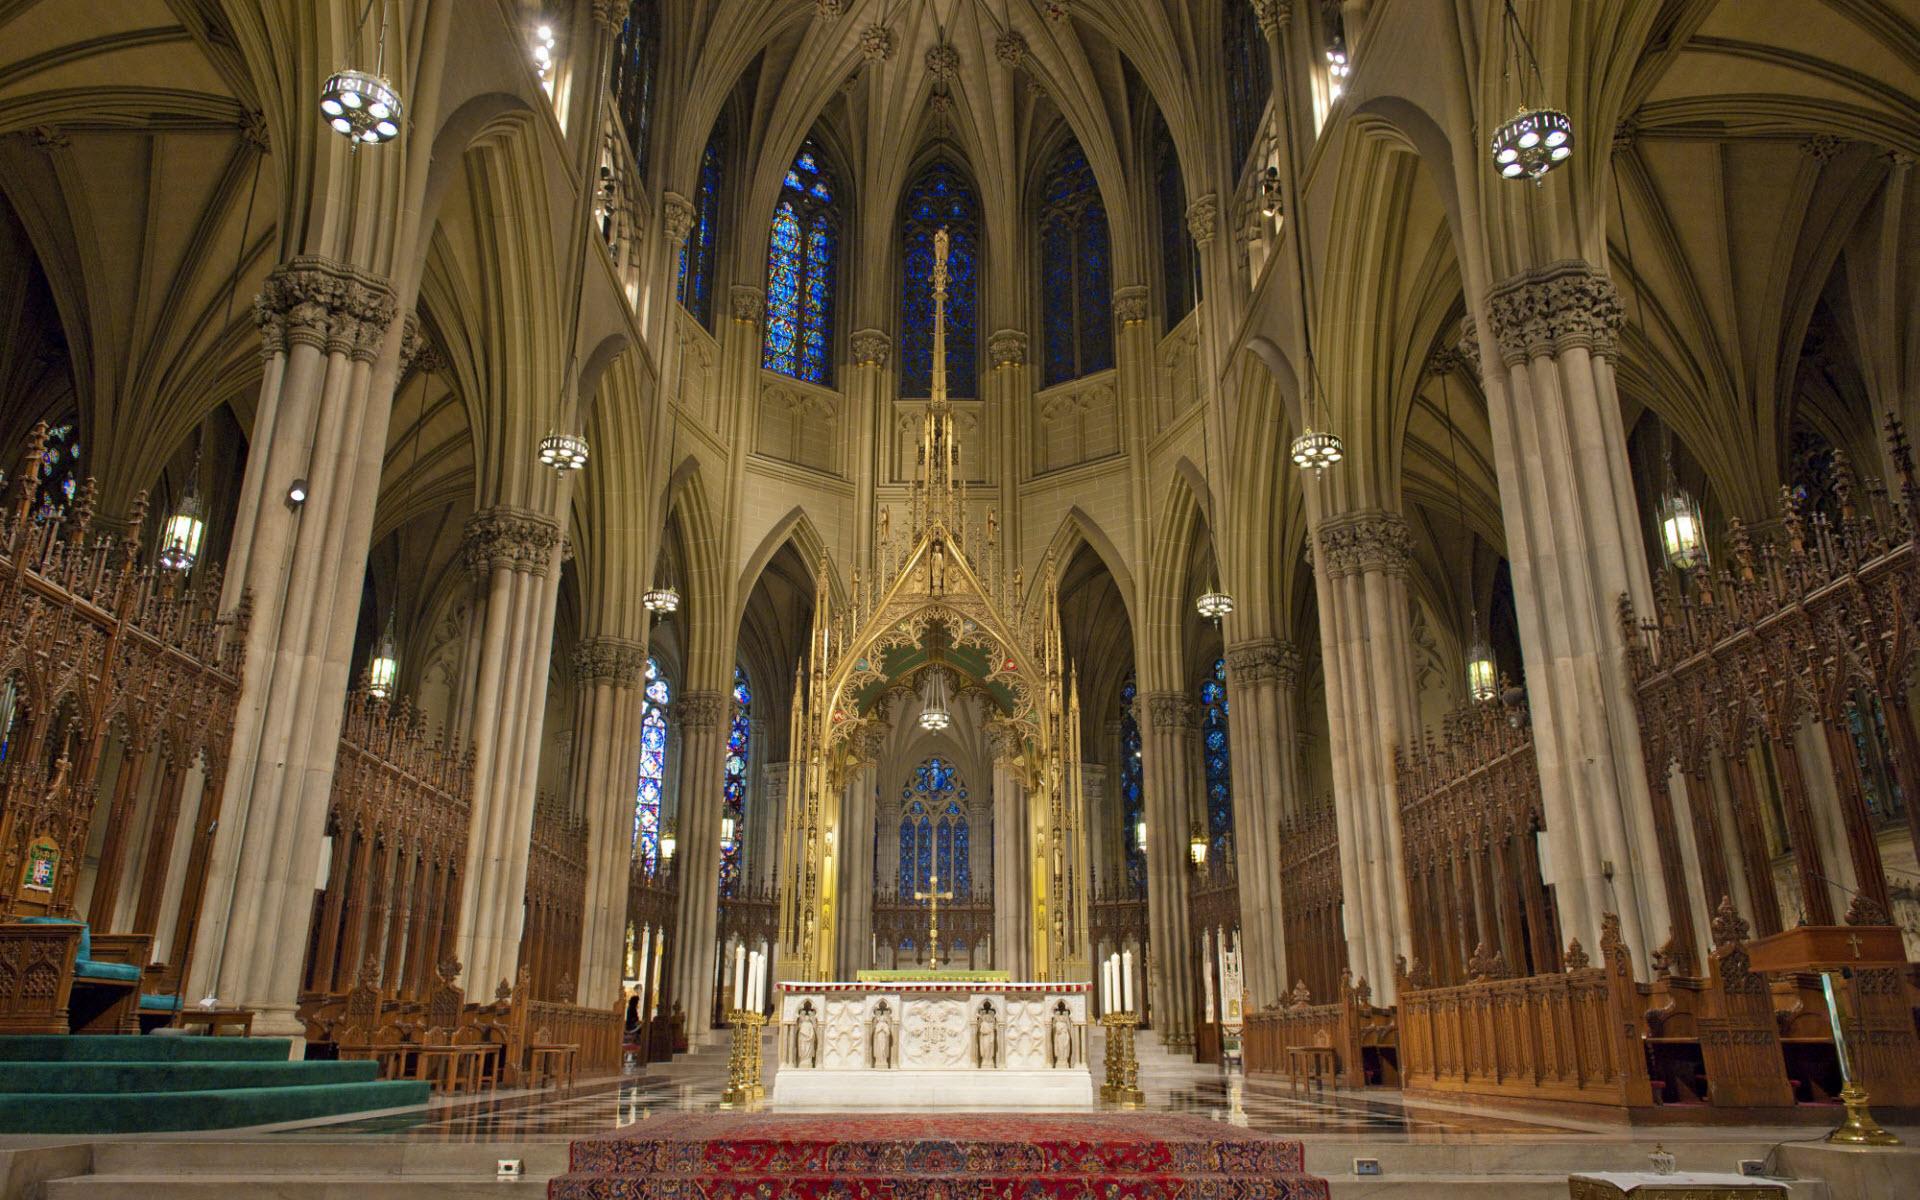 архитектура город страны Базилика Святого Николая Амстердам  № 3712260 загрузить